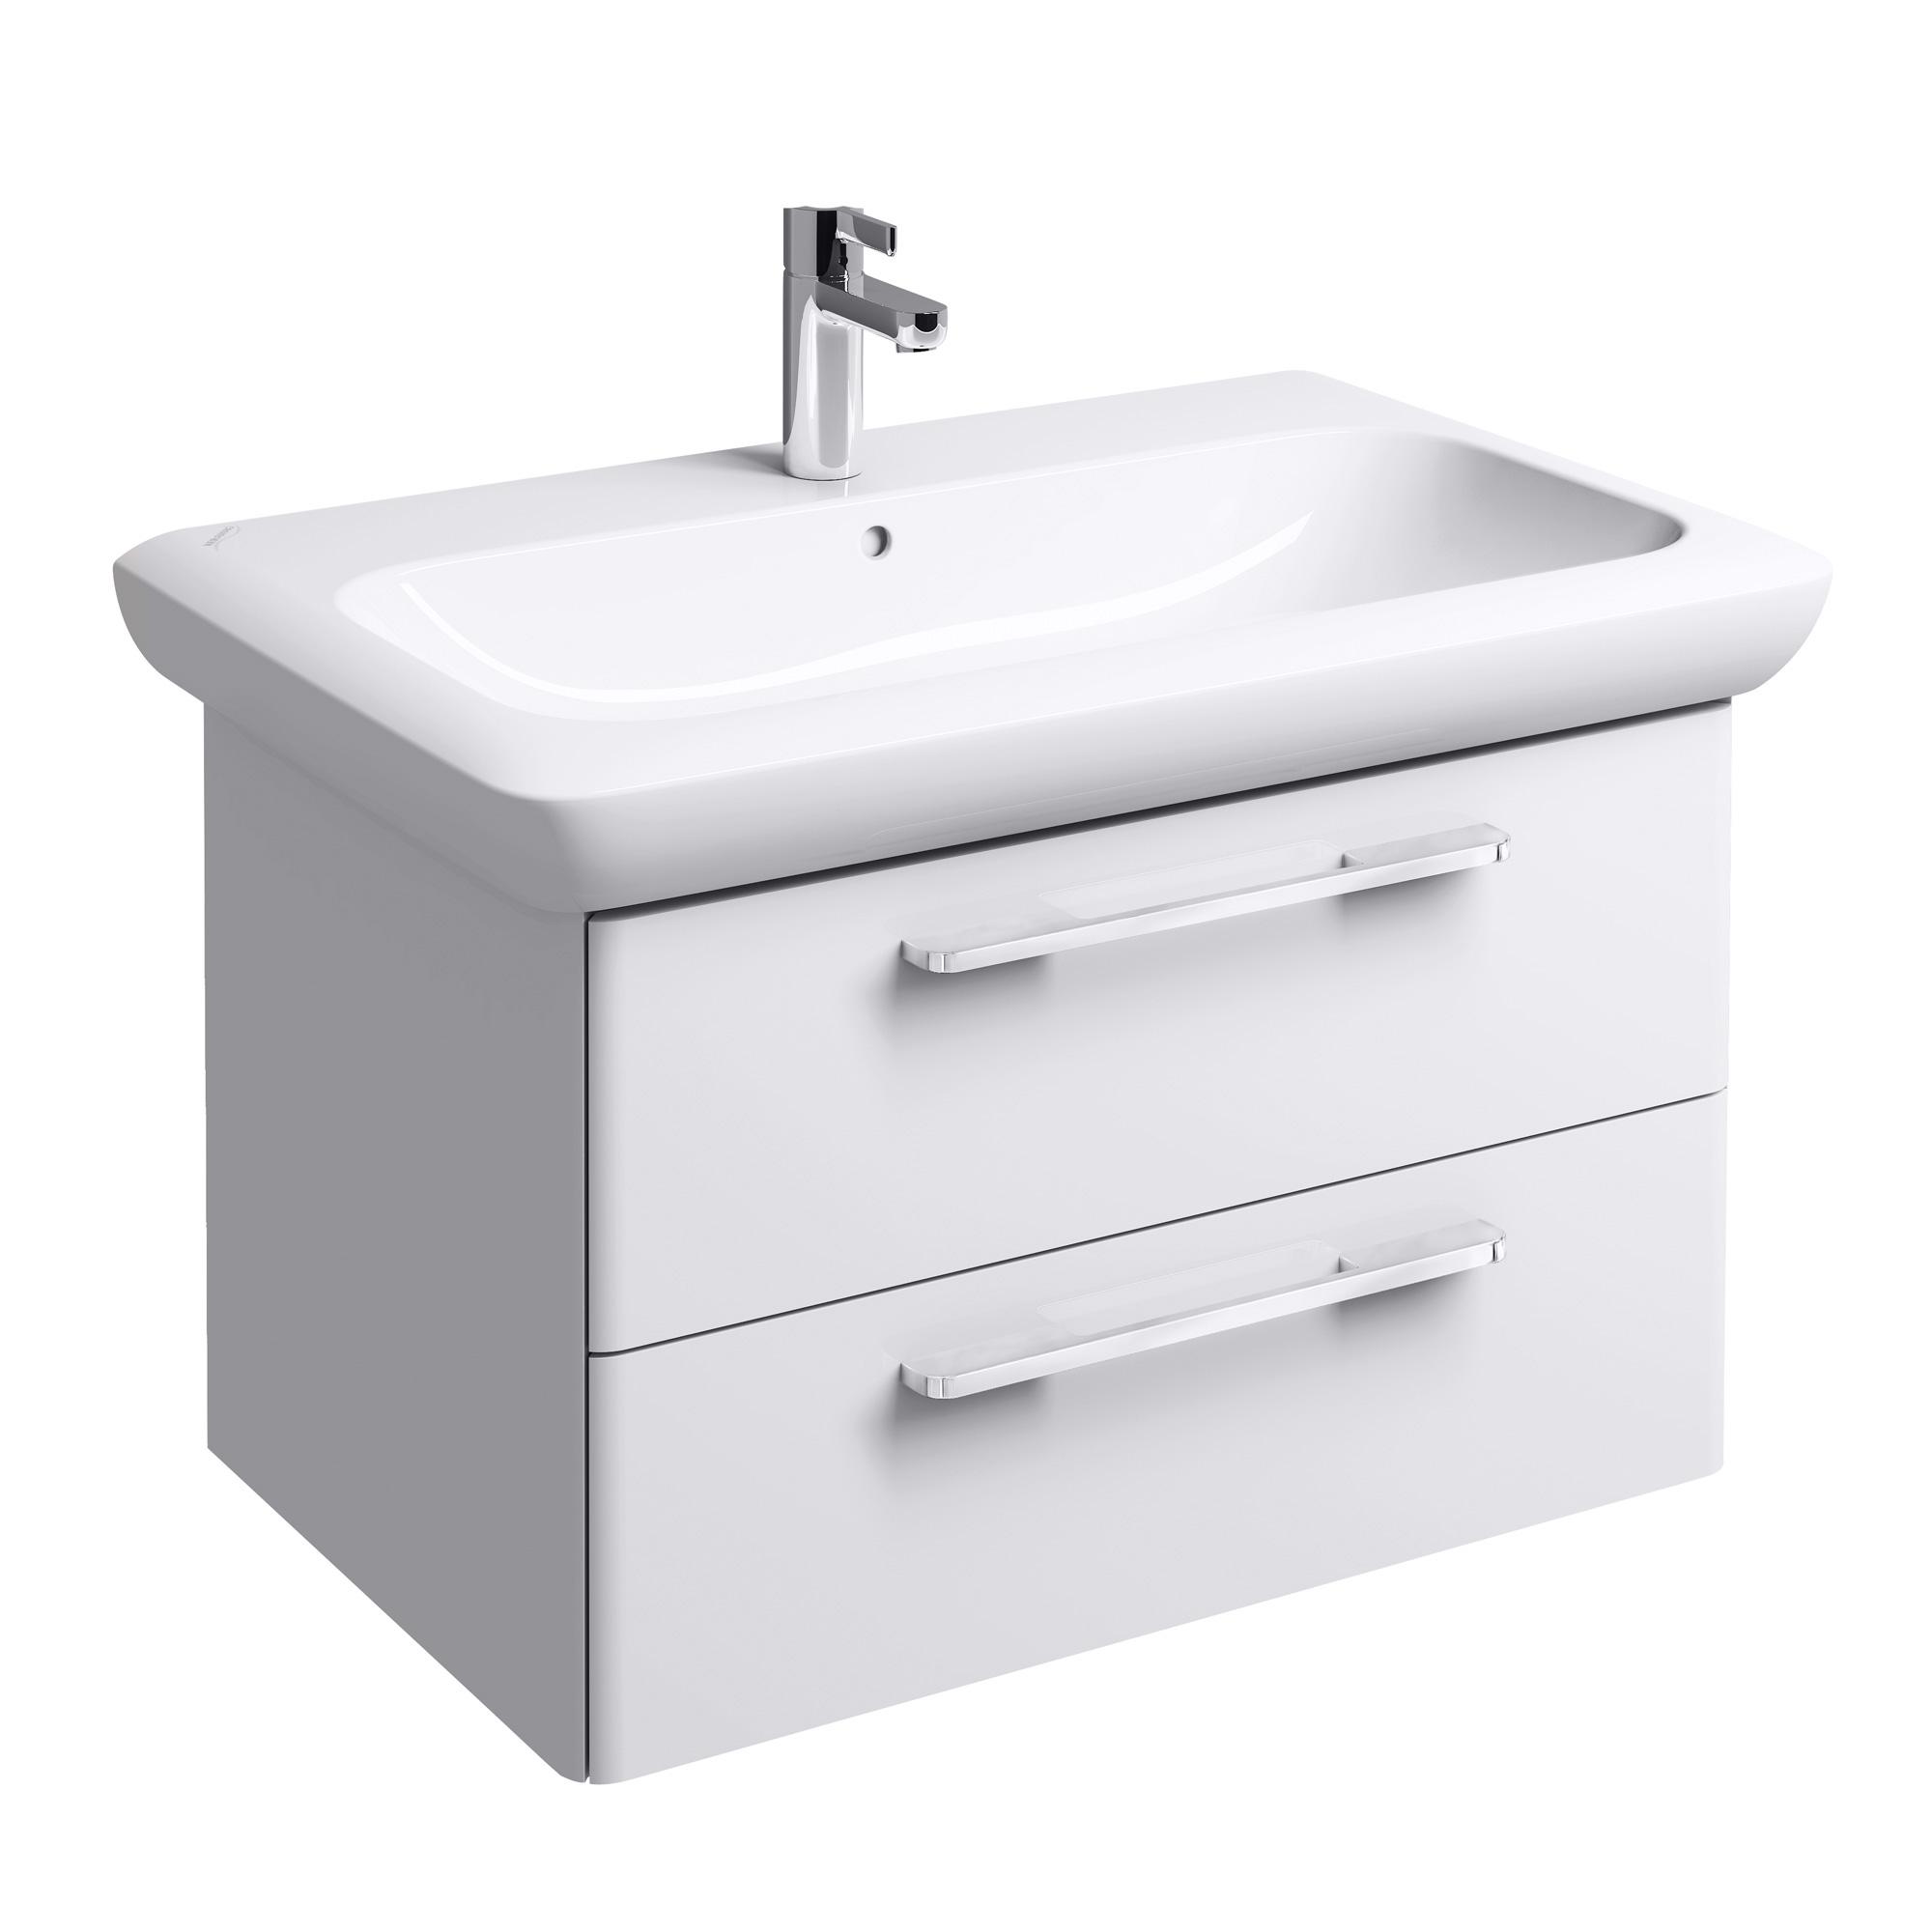 keramag it waschtischunterschrank wei hochglanz. Black Bedroom Furniture Sets. Home Design Ideas